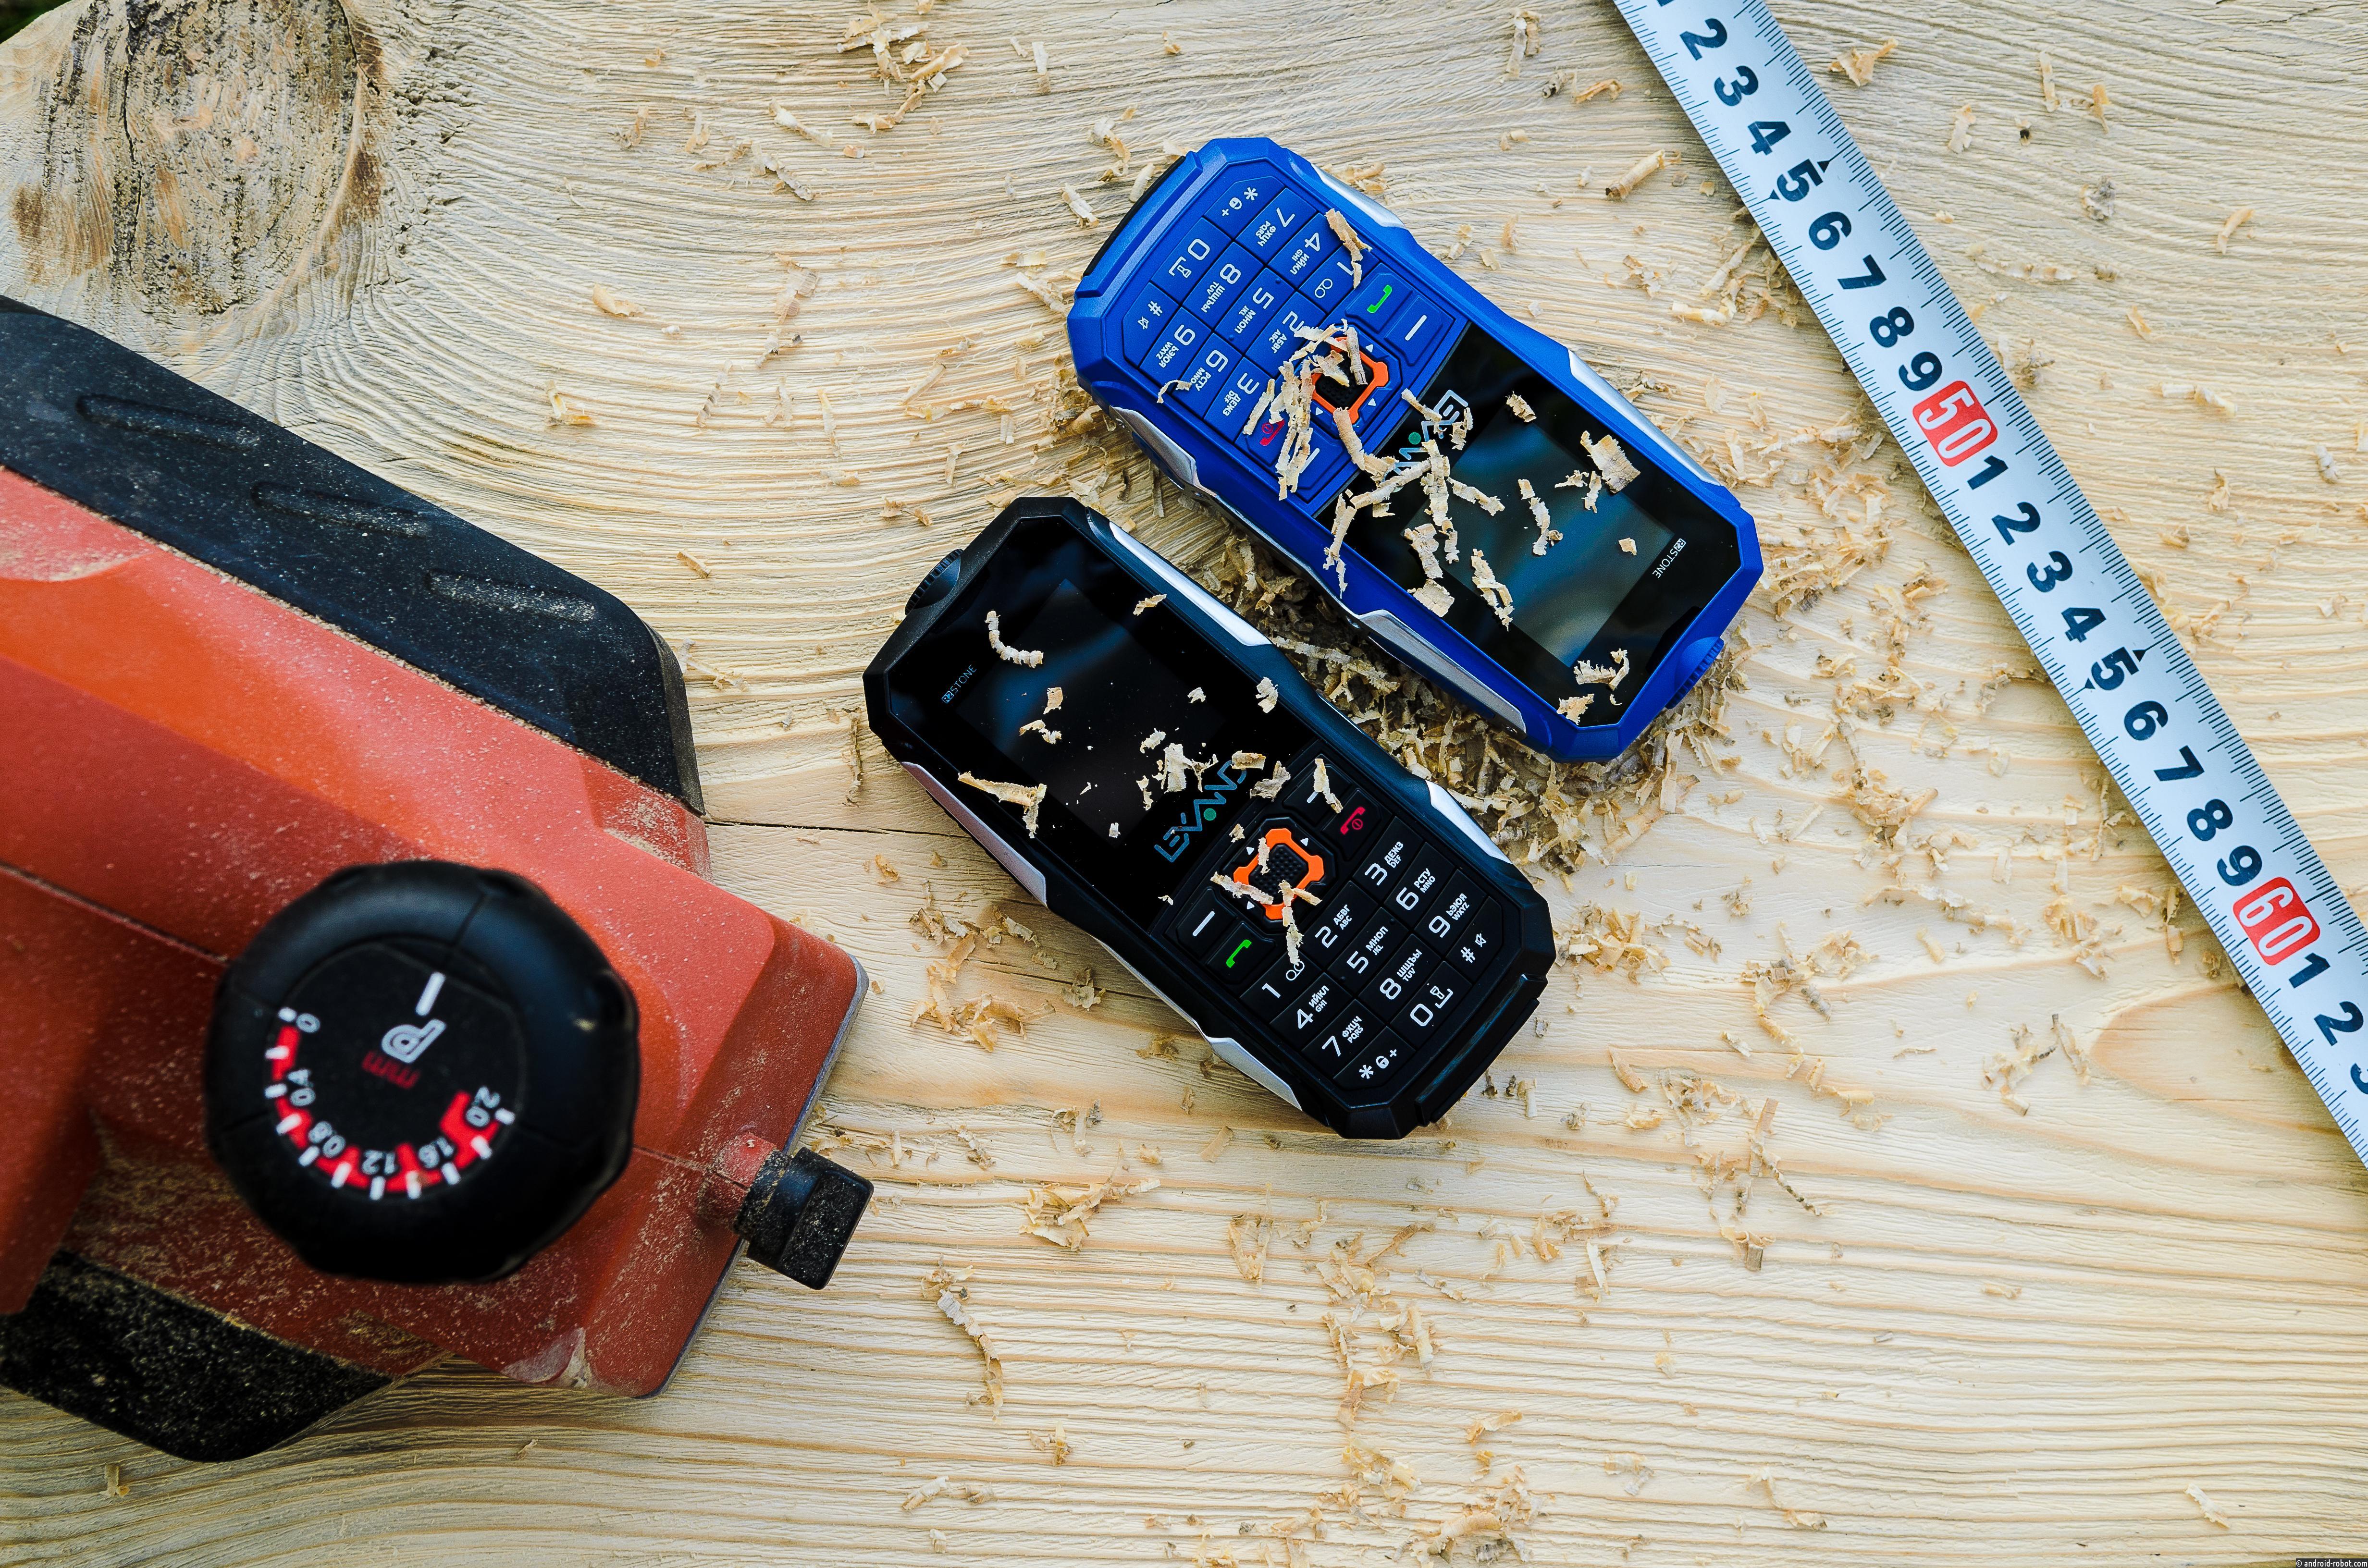 LEXAND расширяет линейку защищенных телефонов для активного отдыха моделью R2 Stone